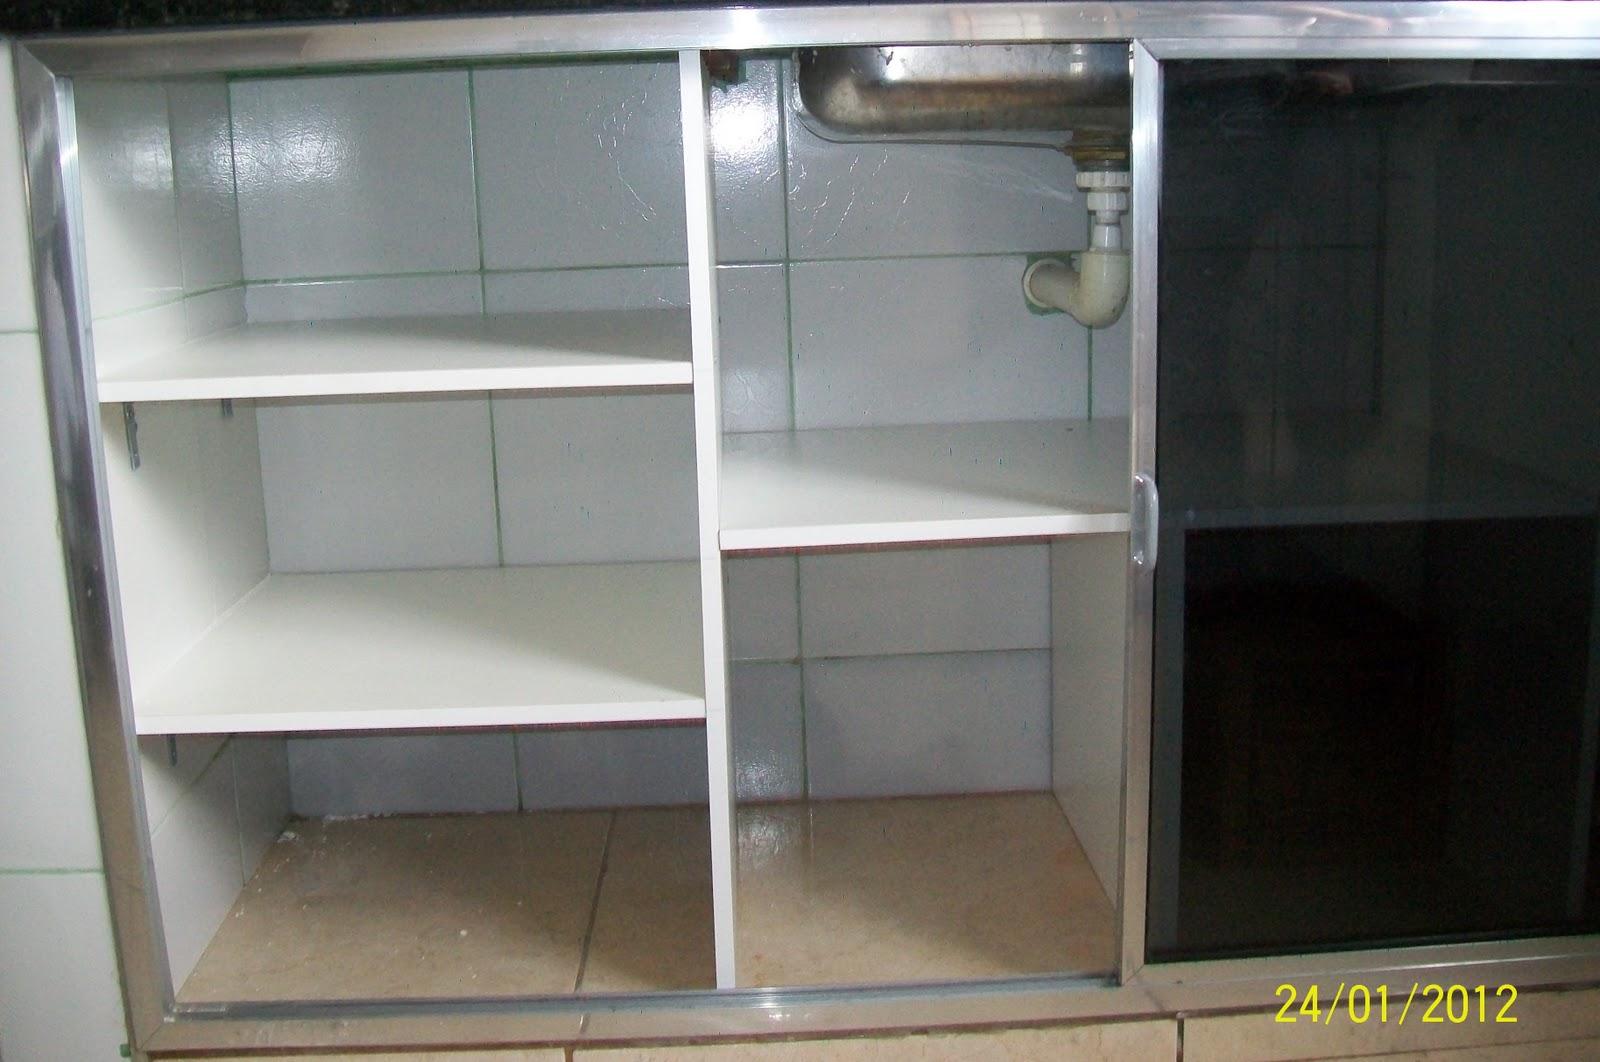 #474314 Armario De Cozinha Bh > Vários desenhos sobre  1600x1062 px Armario De Cozinha Em Bh #2977 imagens